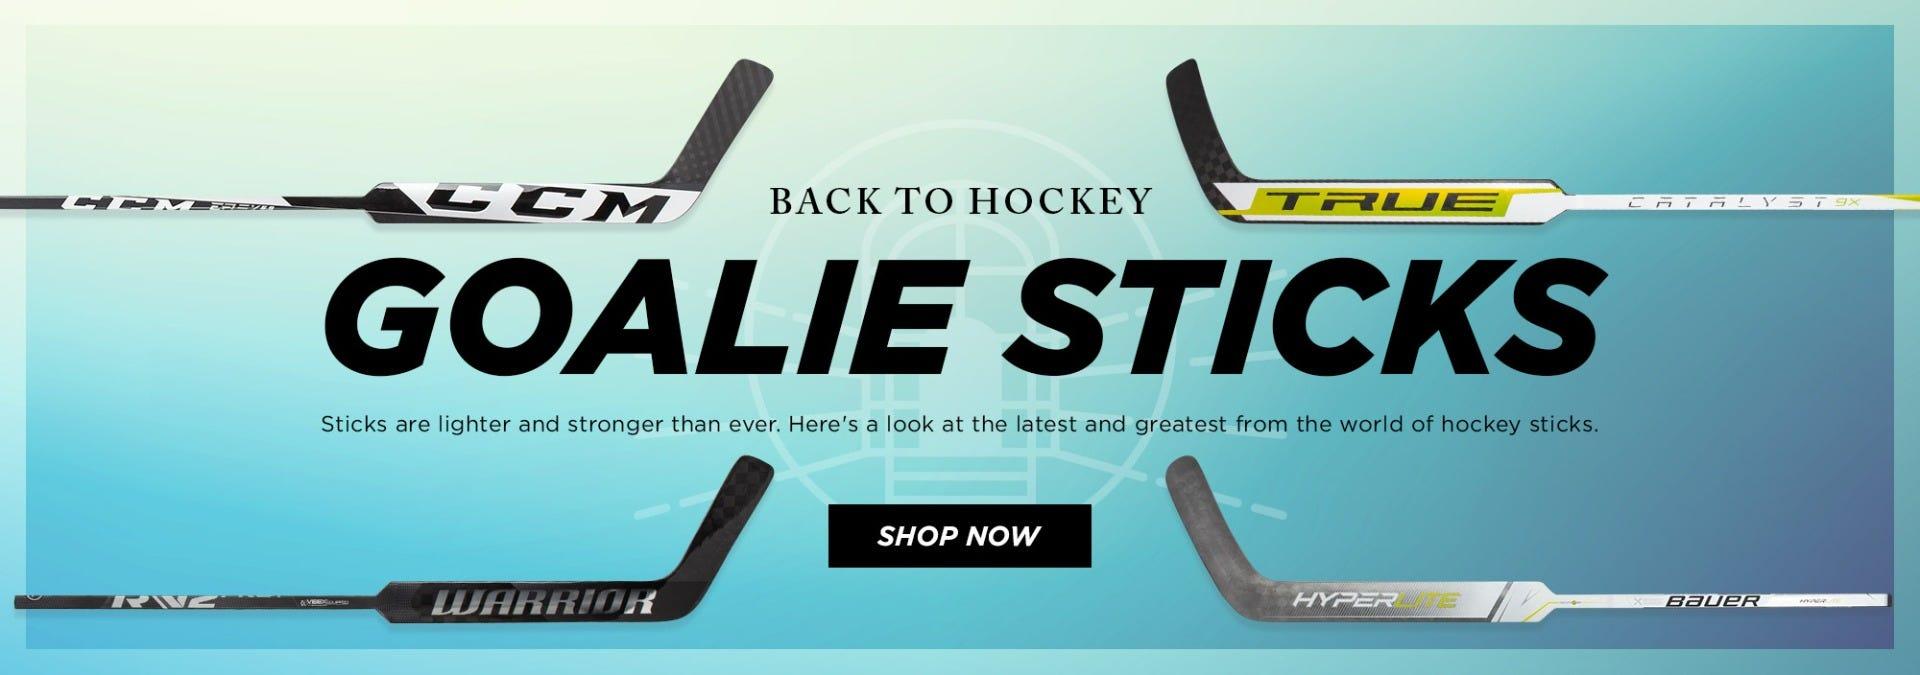 Back to Hockey: Sticks